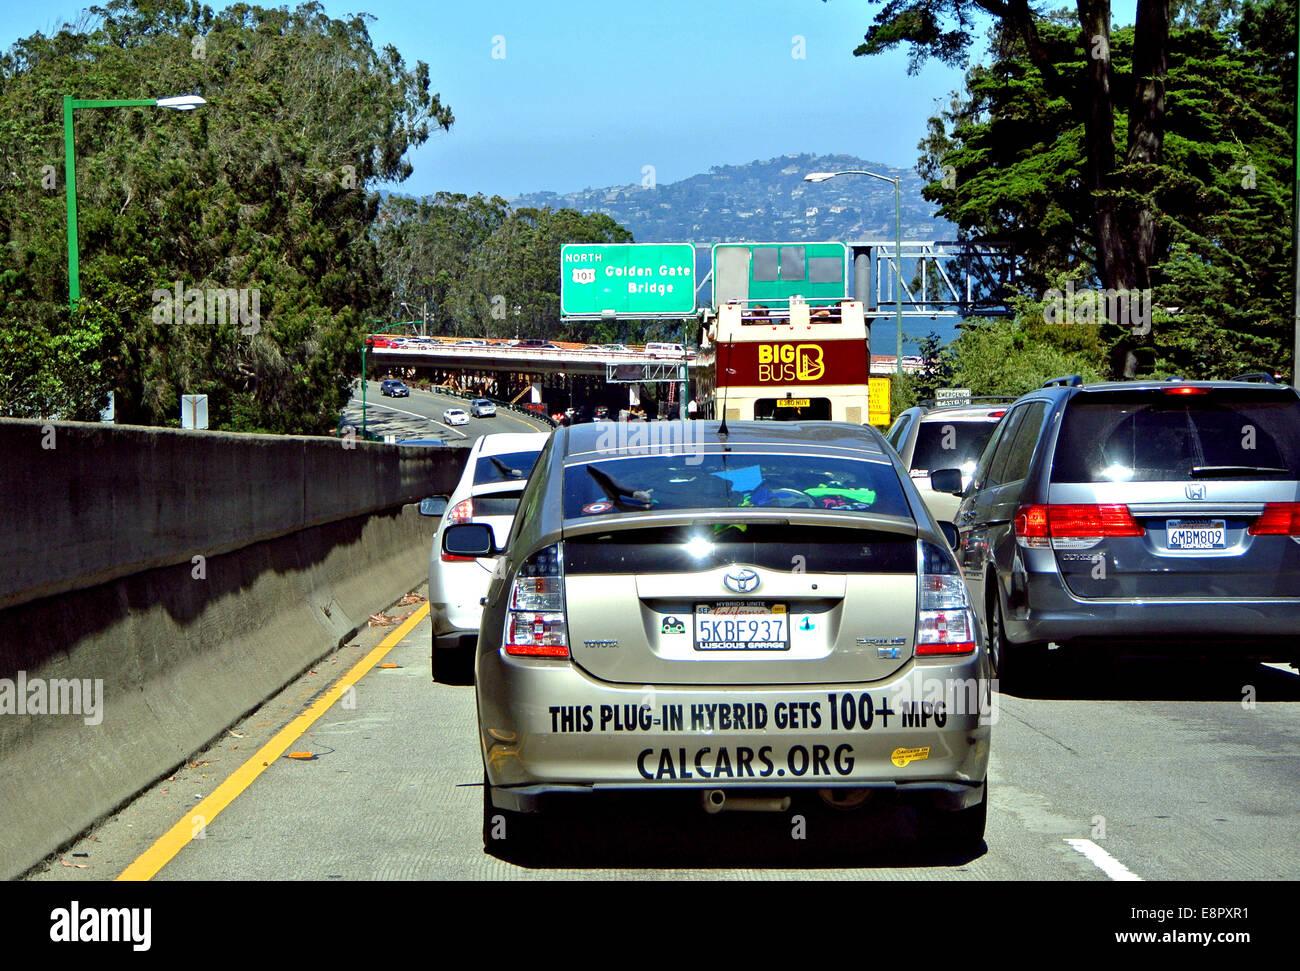 plug in hybrid in traffic in San Francisco California - Stock Image